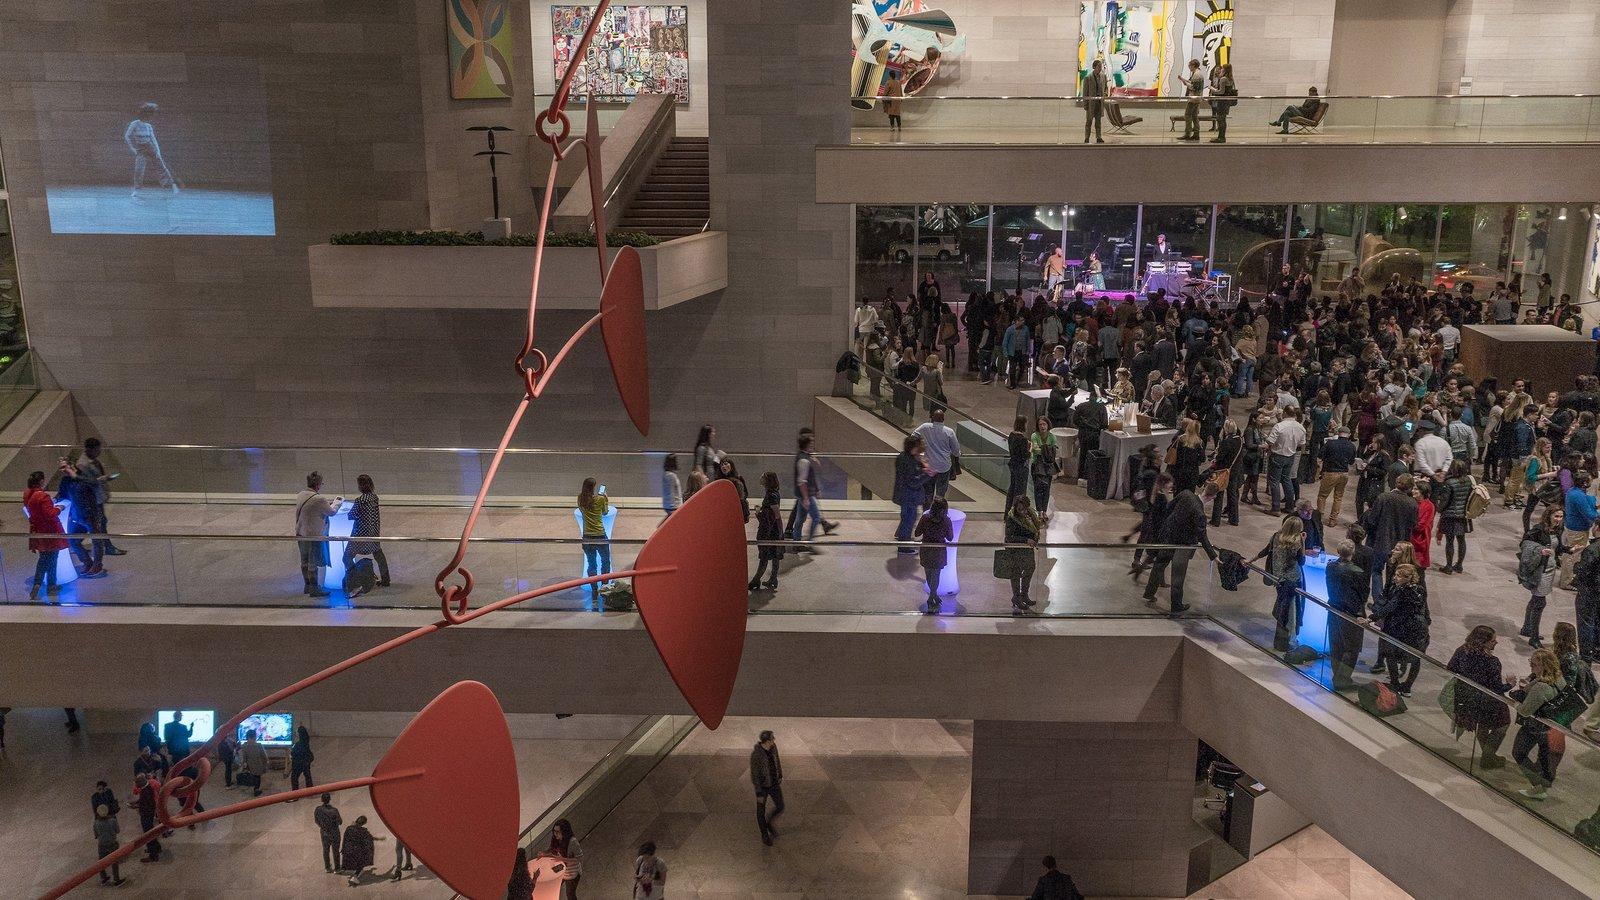 Galería Nacional de Arte mostrando vistas interiores y también un gran grupo de personas